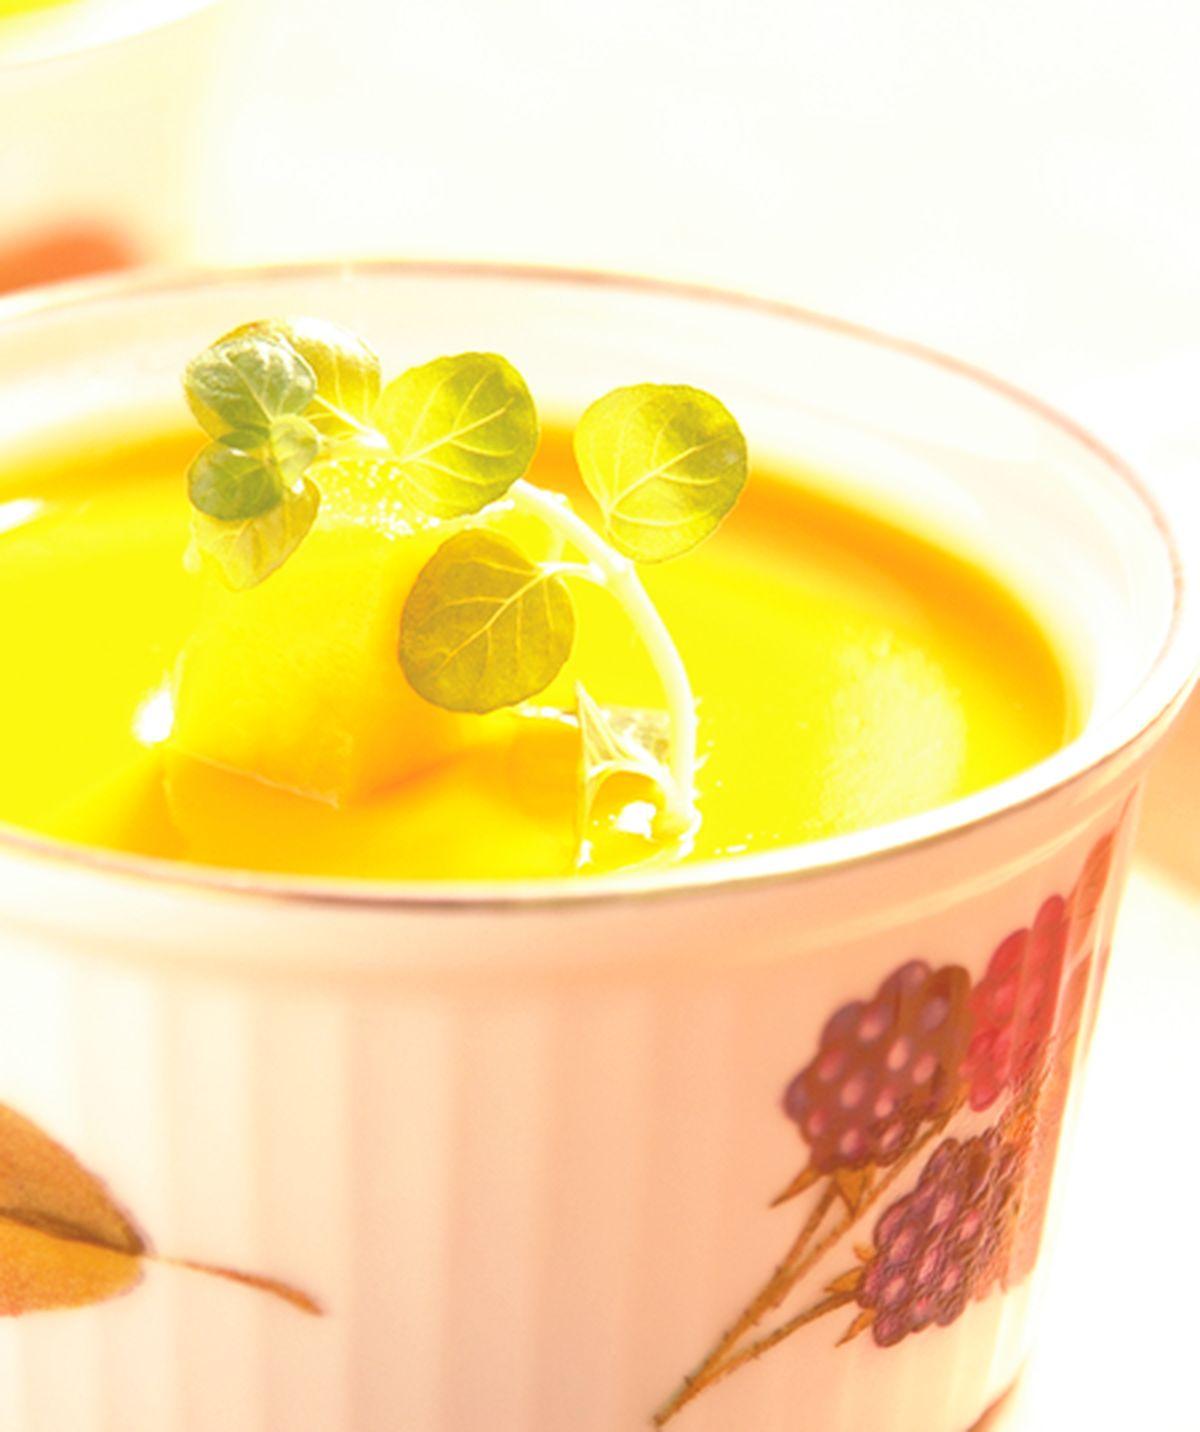 食譜:芒果凝露